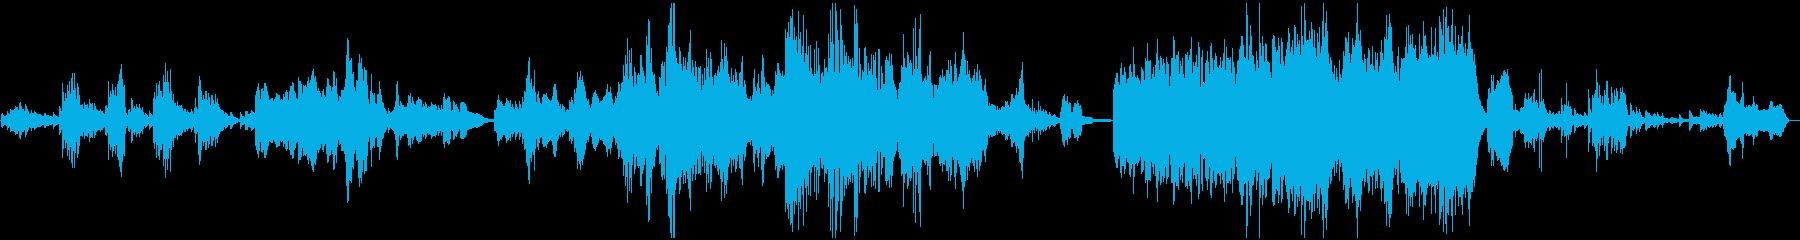 コンテンポラリーの再生済みの波形